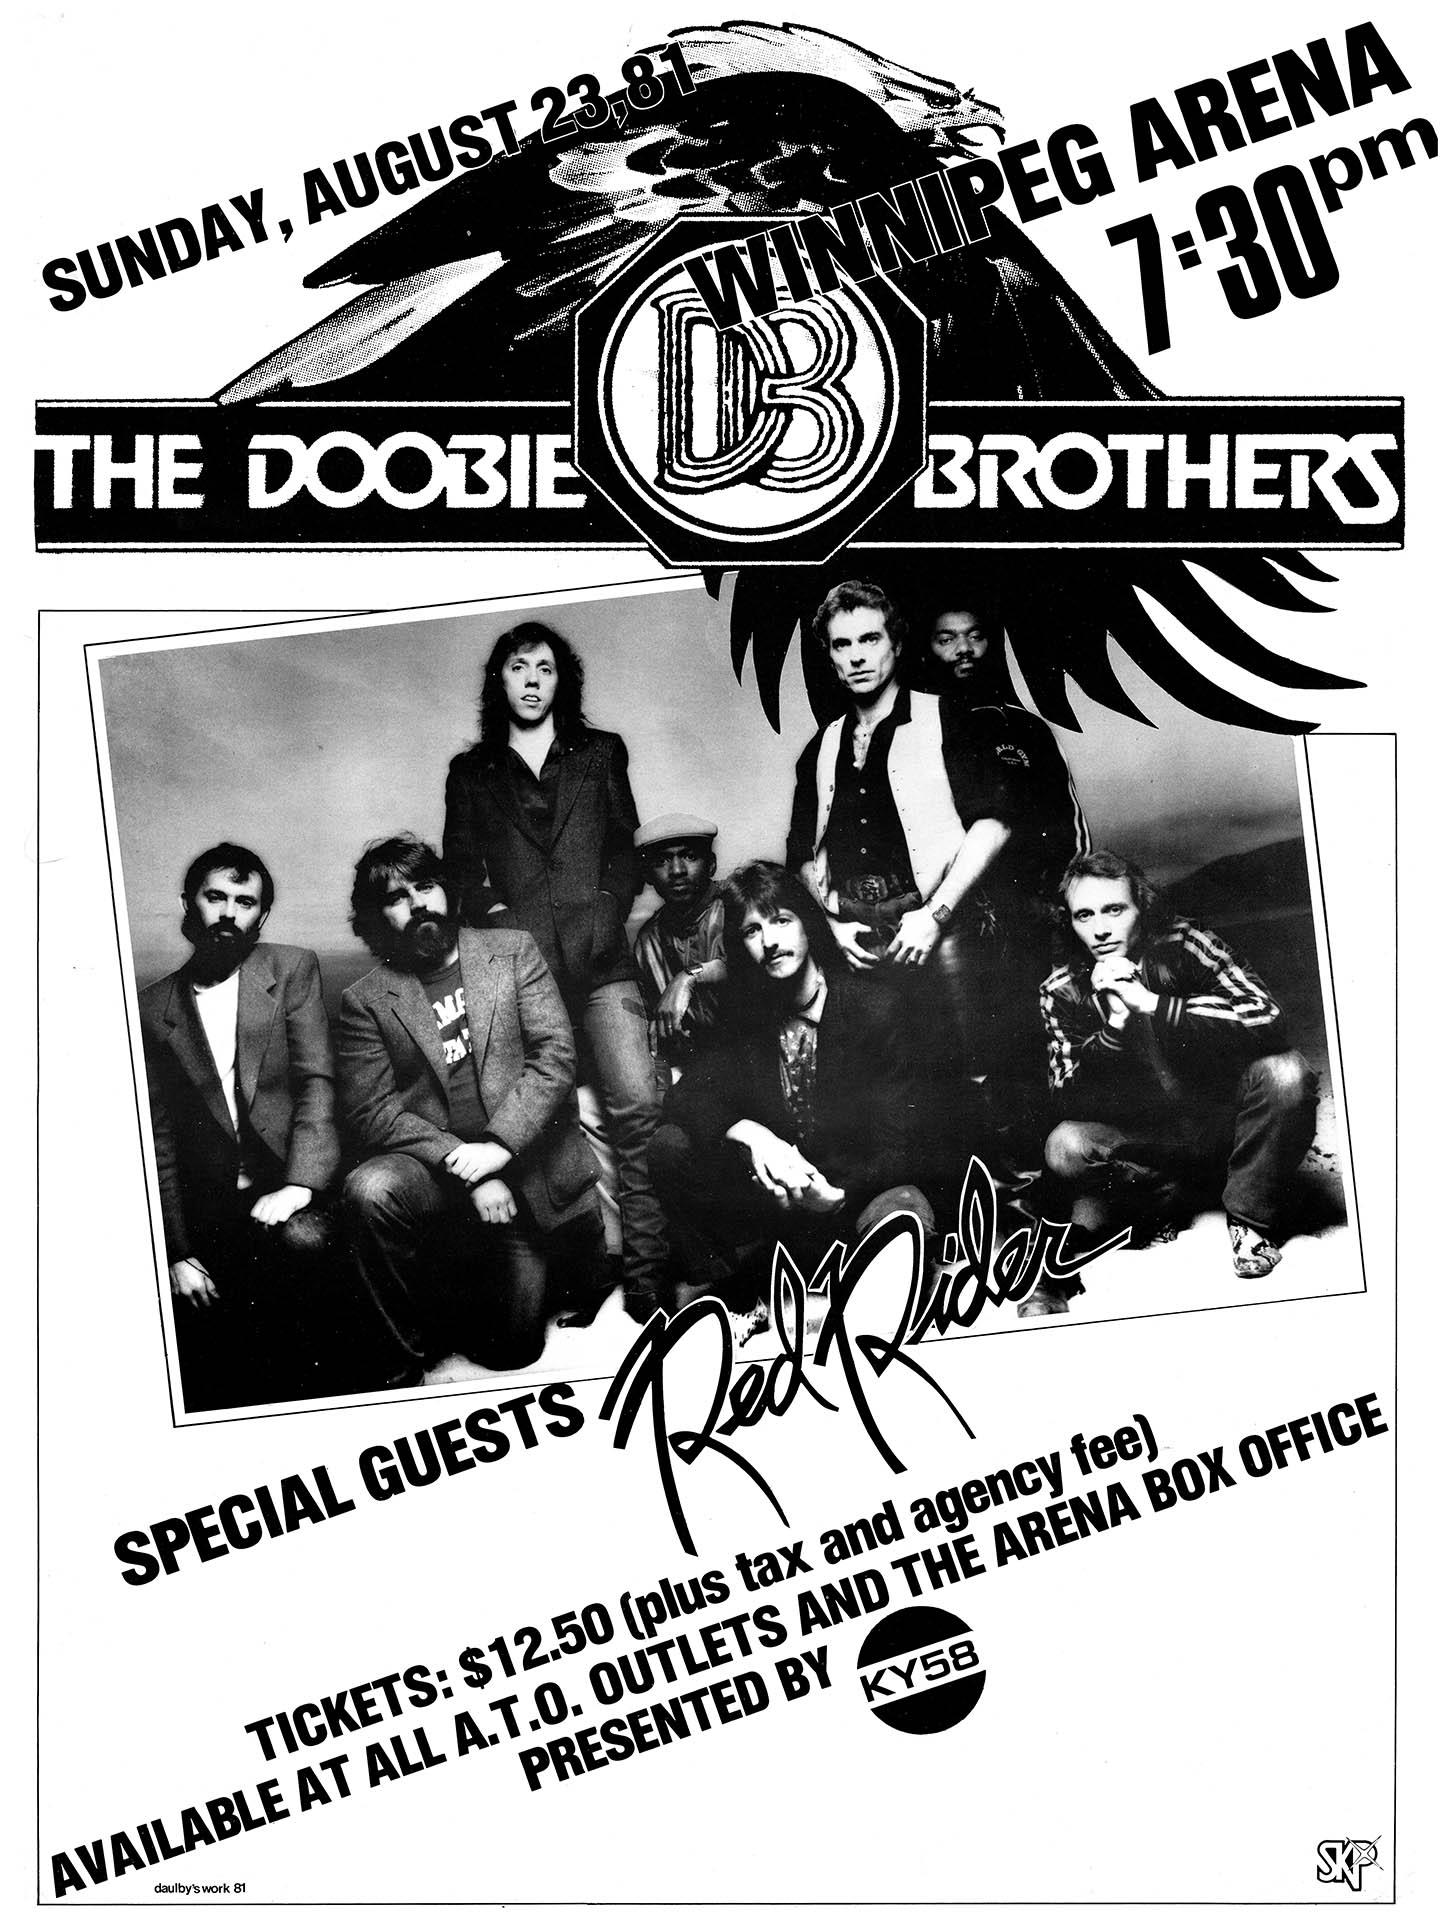 DOOBIE BROTHERS – 1981